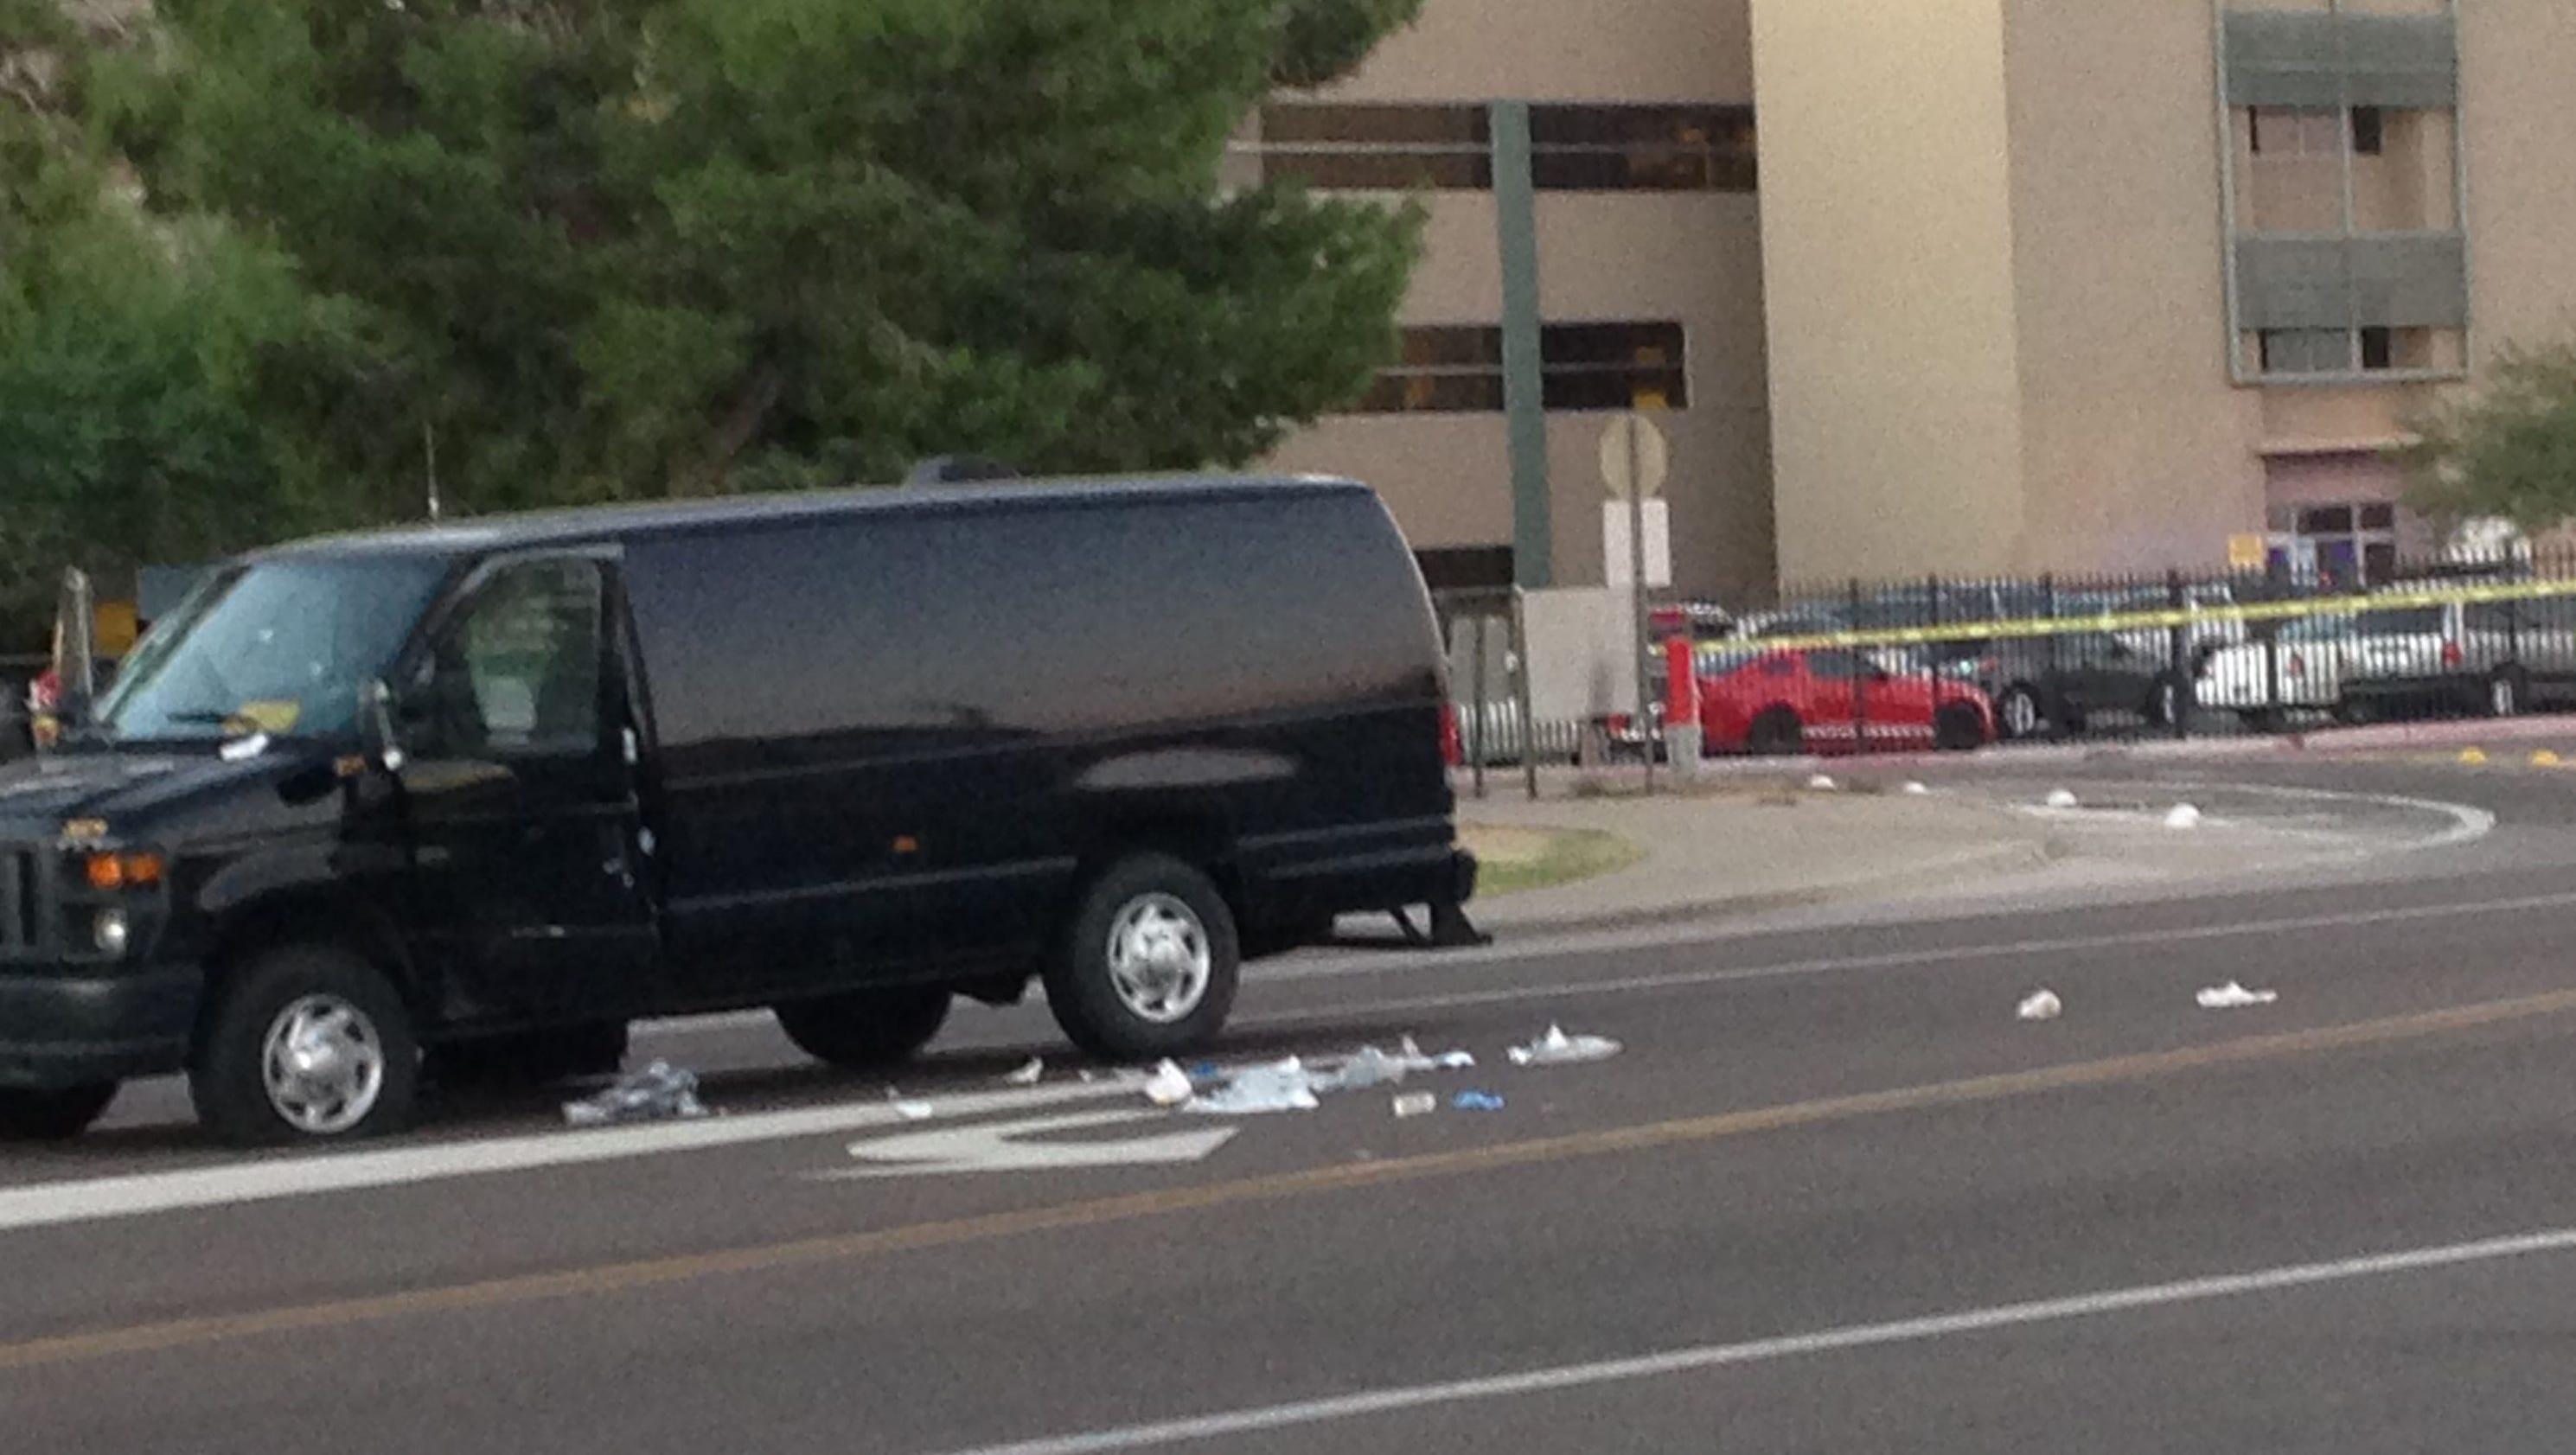 Inmate Dies After Being Shot In Head While Fleeing In Phoenix